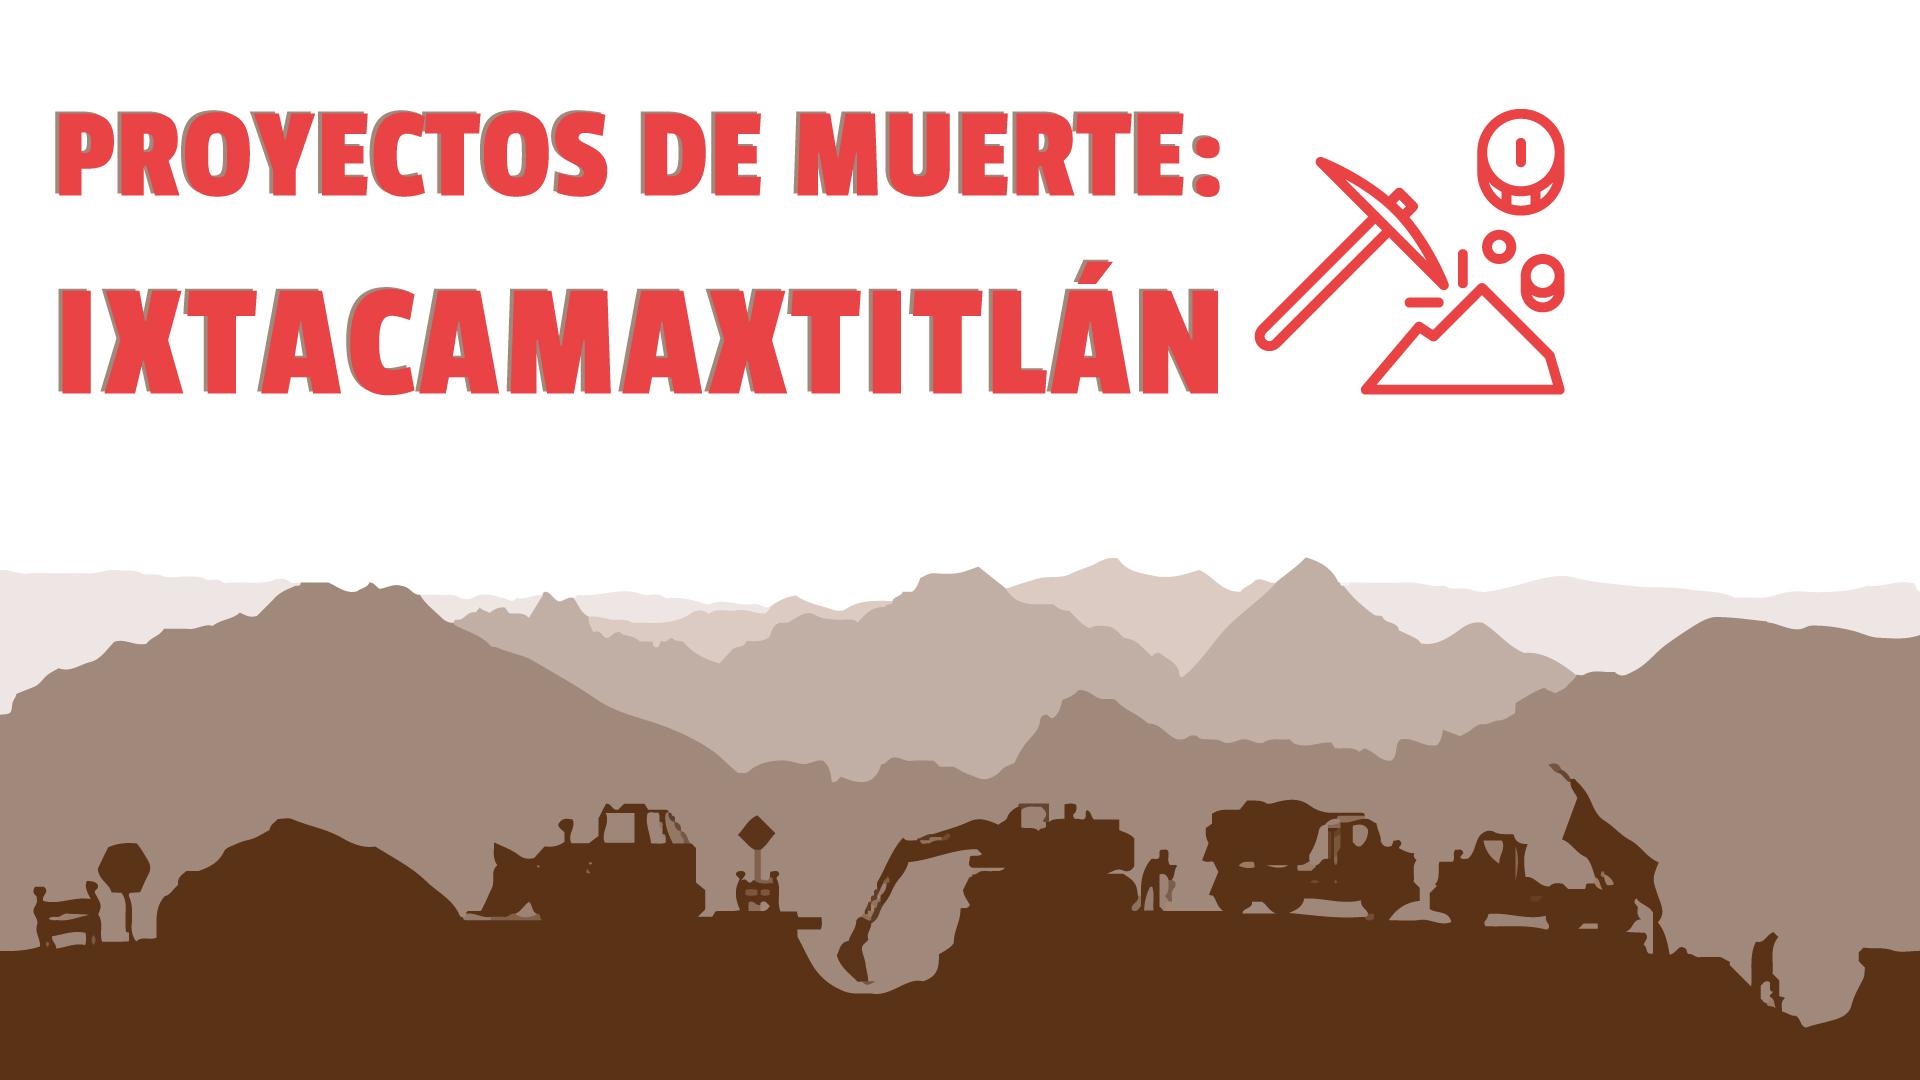 Proyecto de muerte: Minera Gorrión en Ixtamaxtitlán